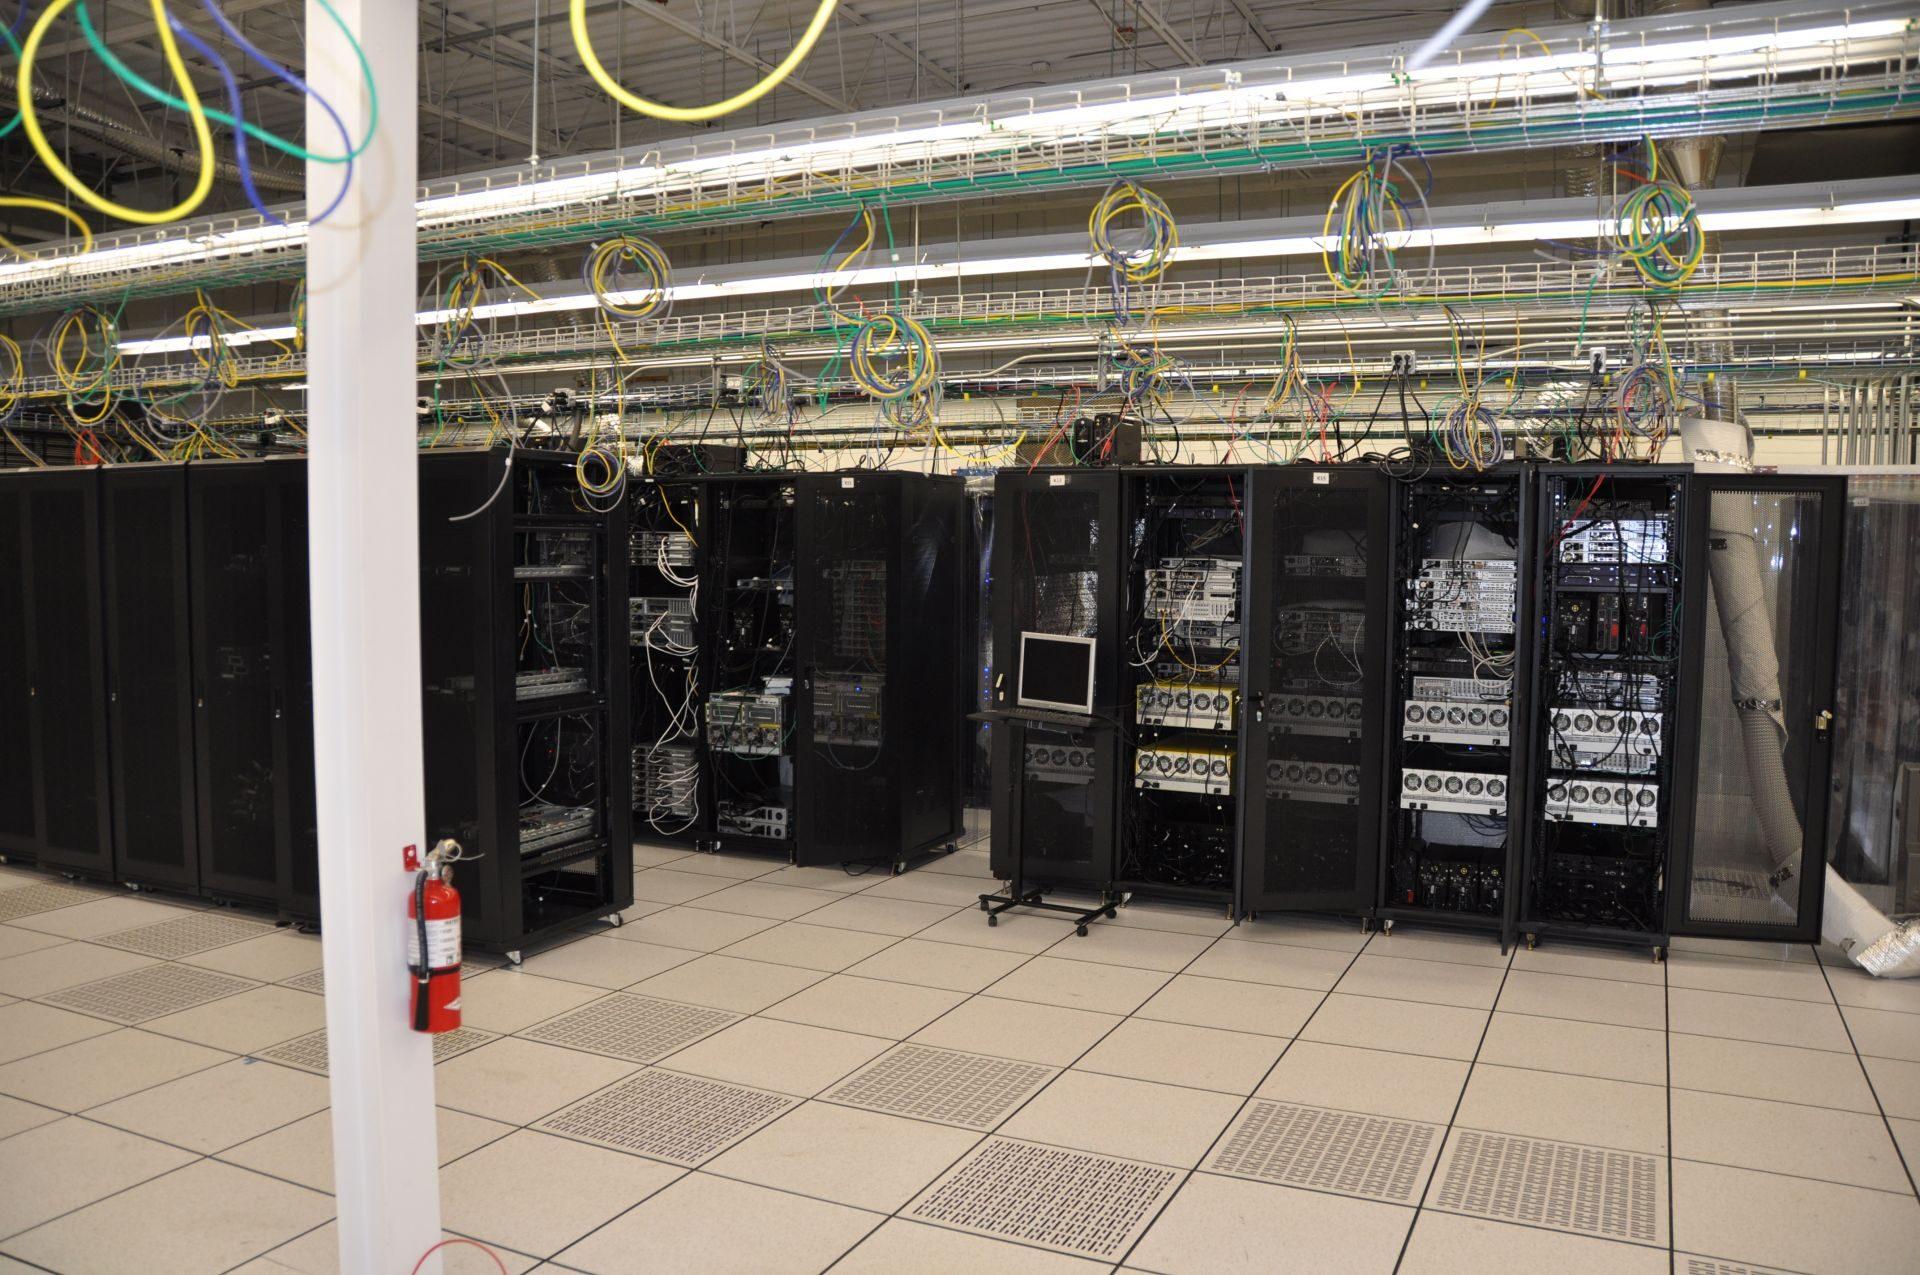 涉案公司服务器 图片来源:OPP News